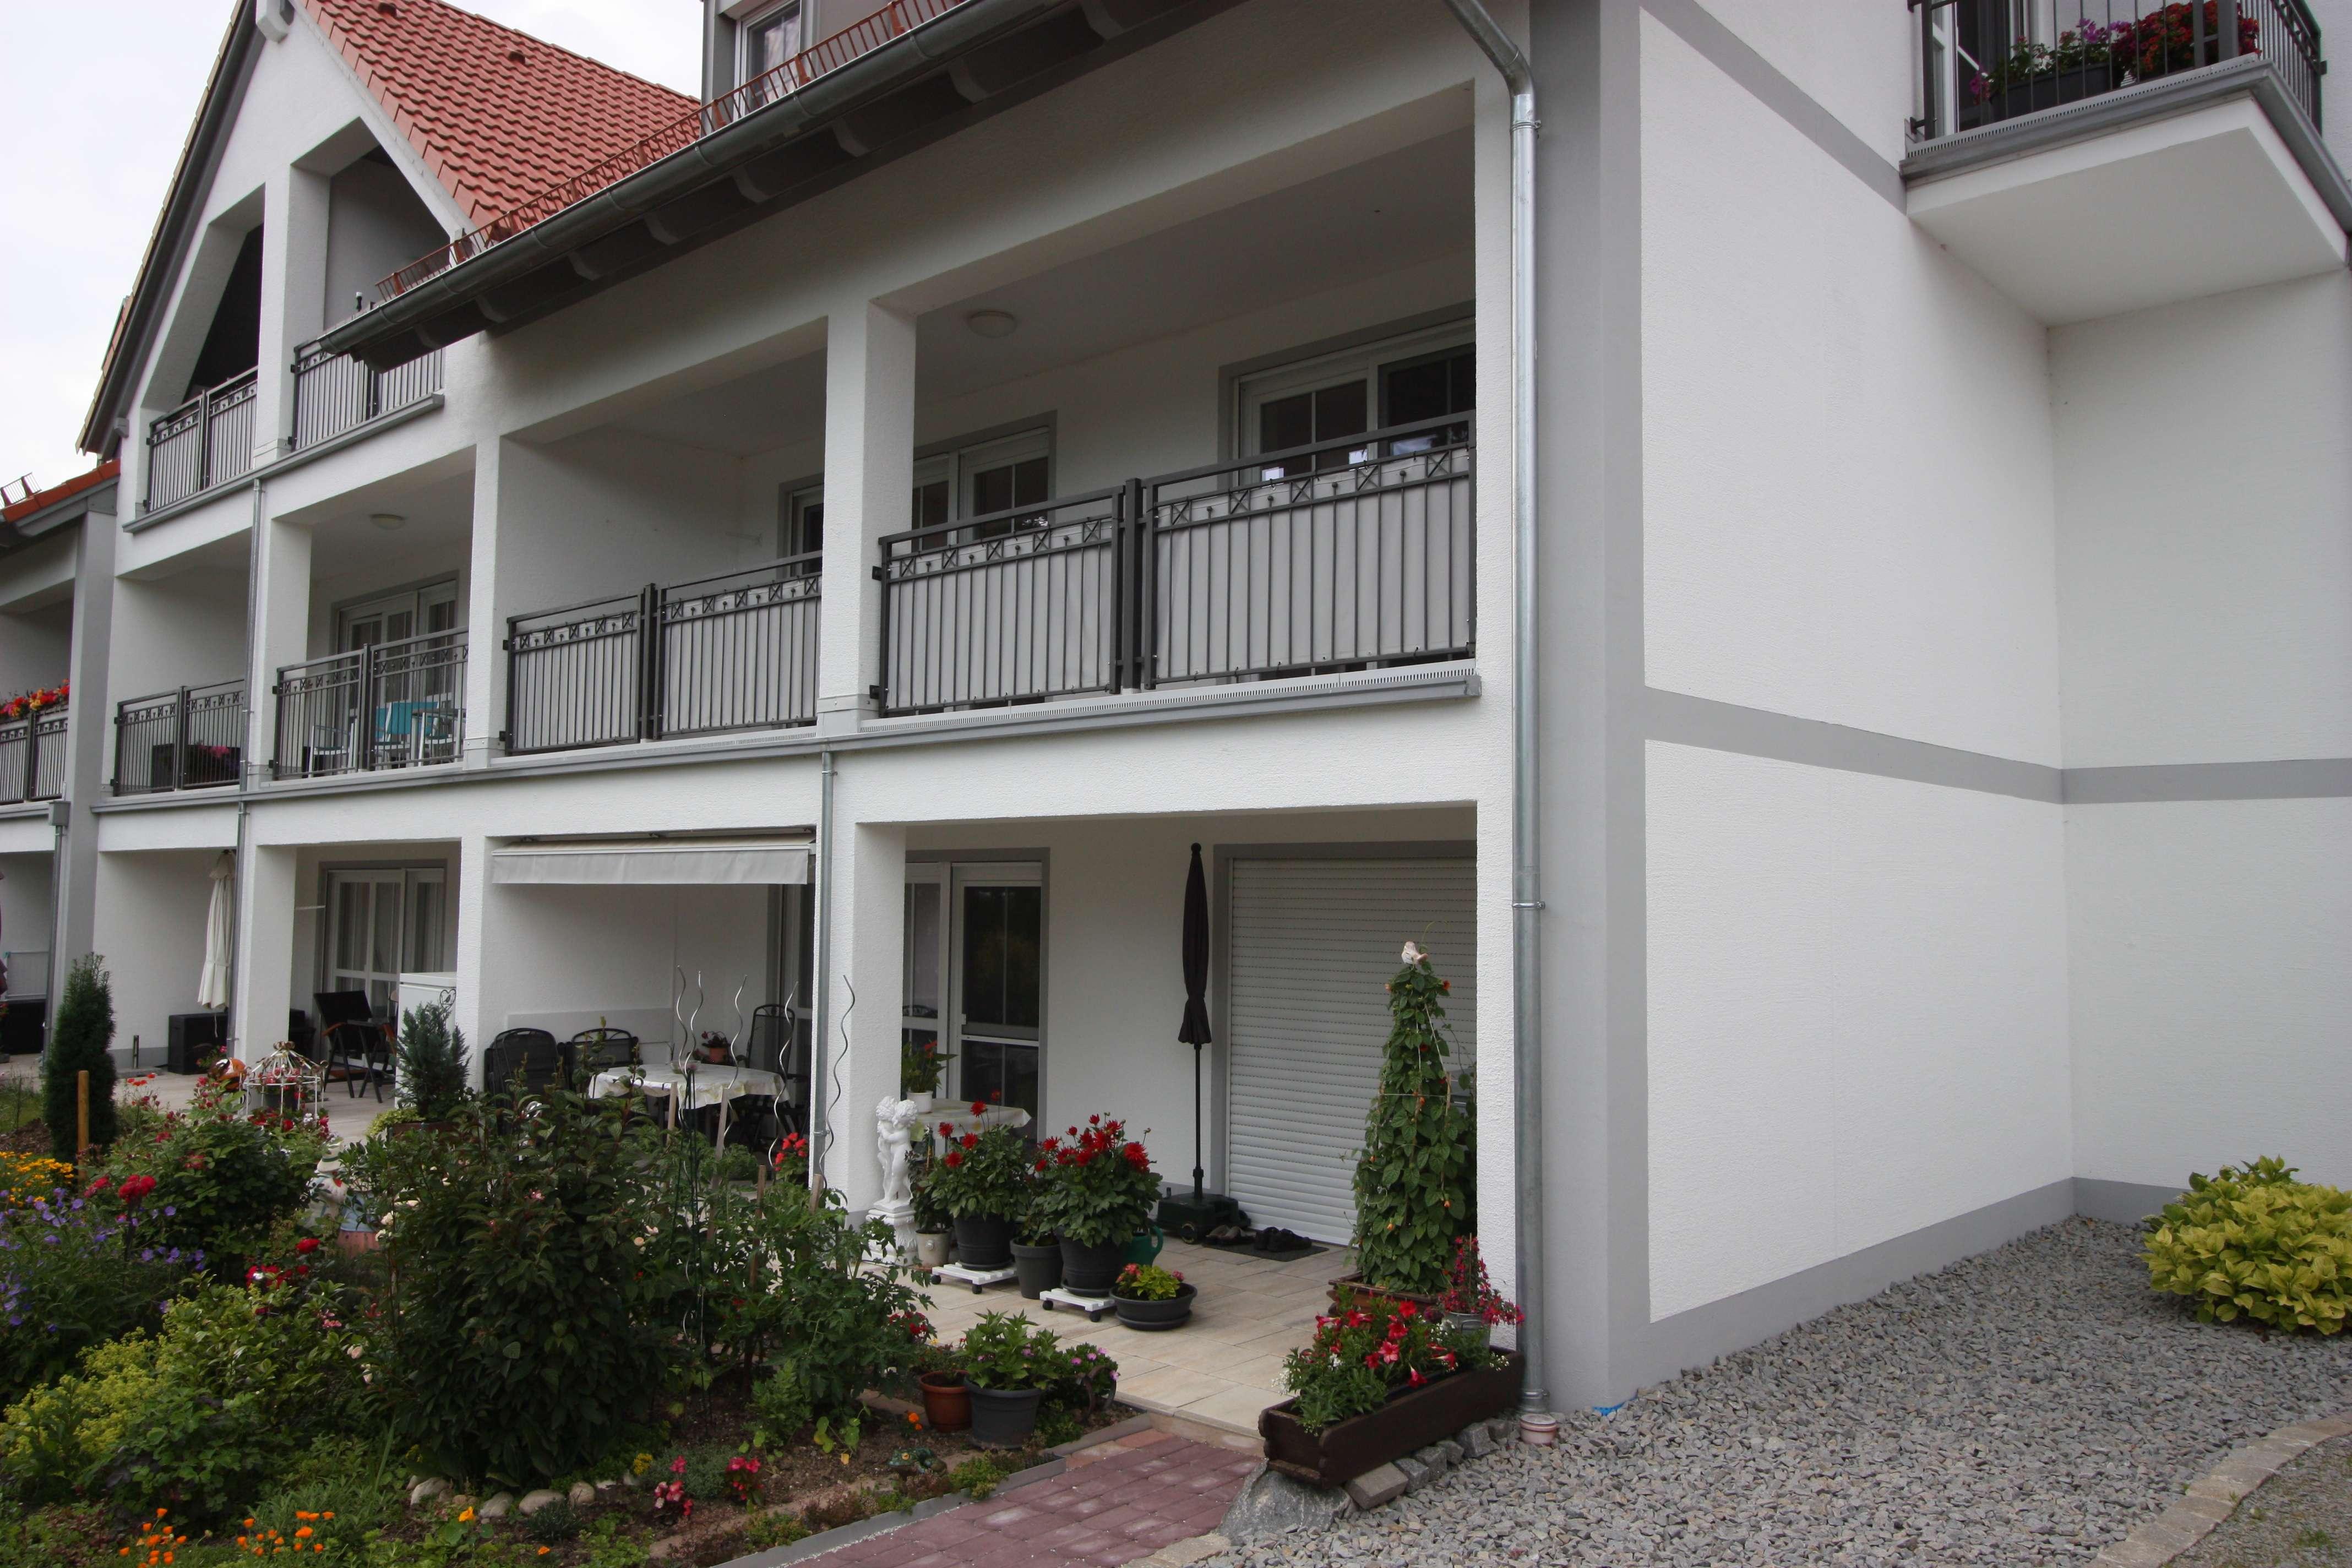 Neuwertige, barrierefreie 2-Zimmer-Wohnung mit grosser Loggia und EBK in Bad Füssing in